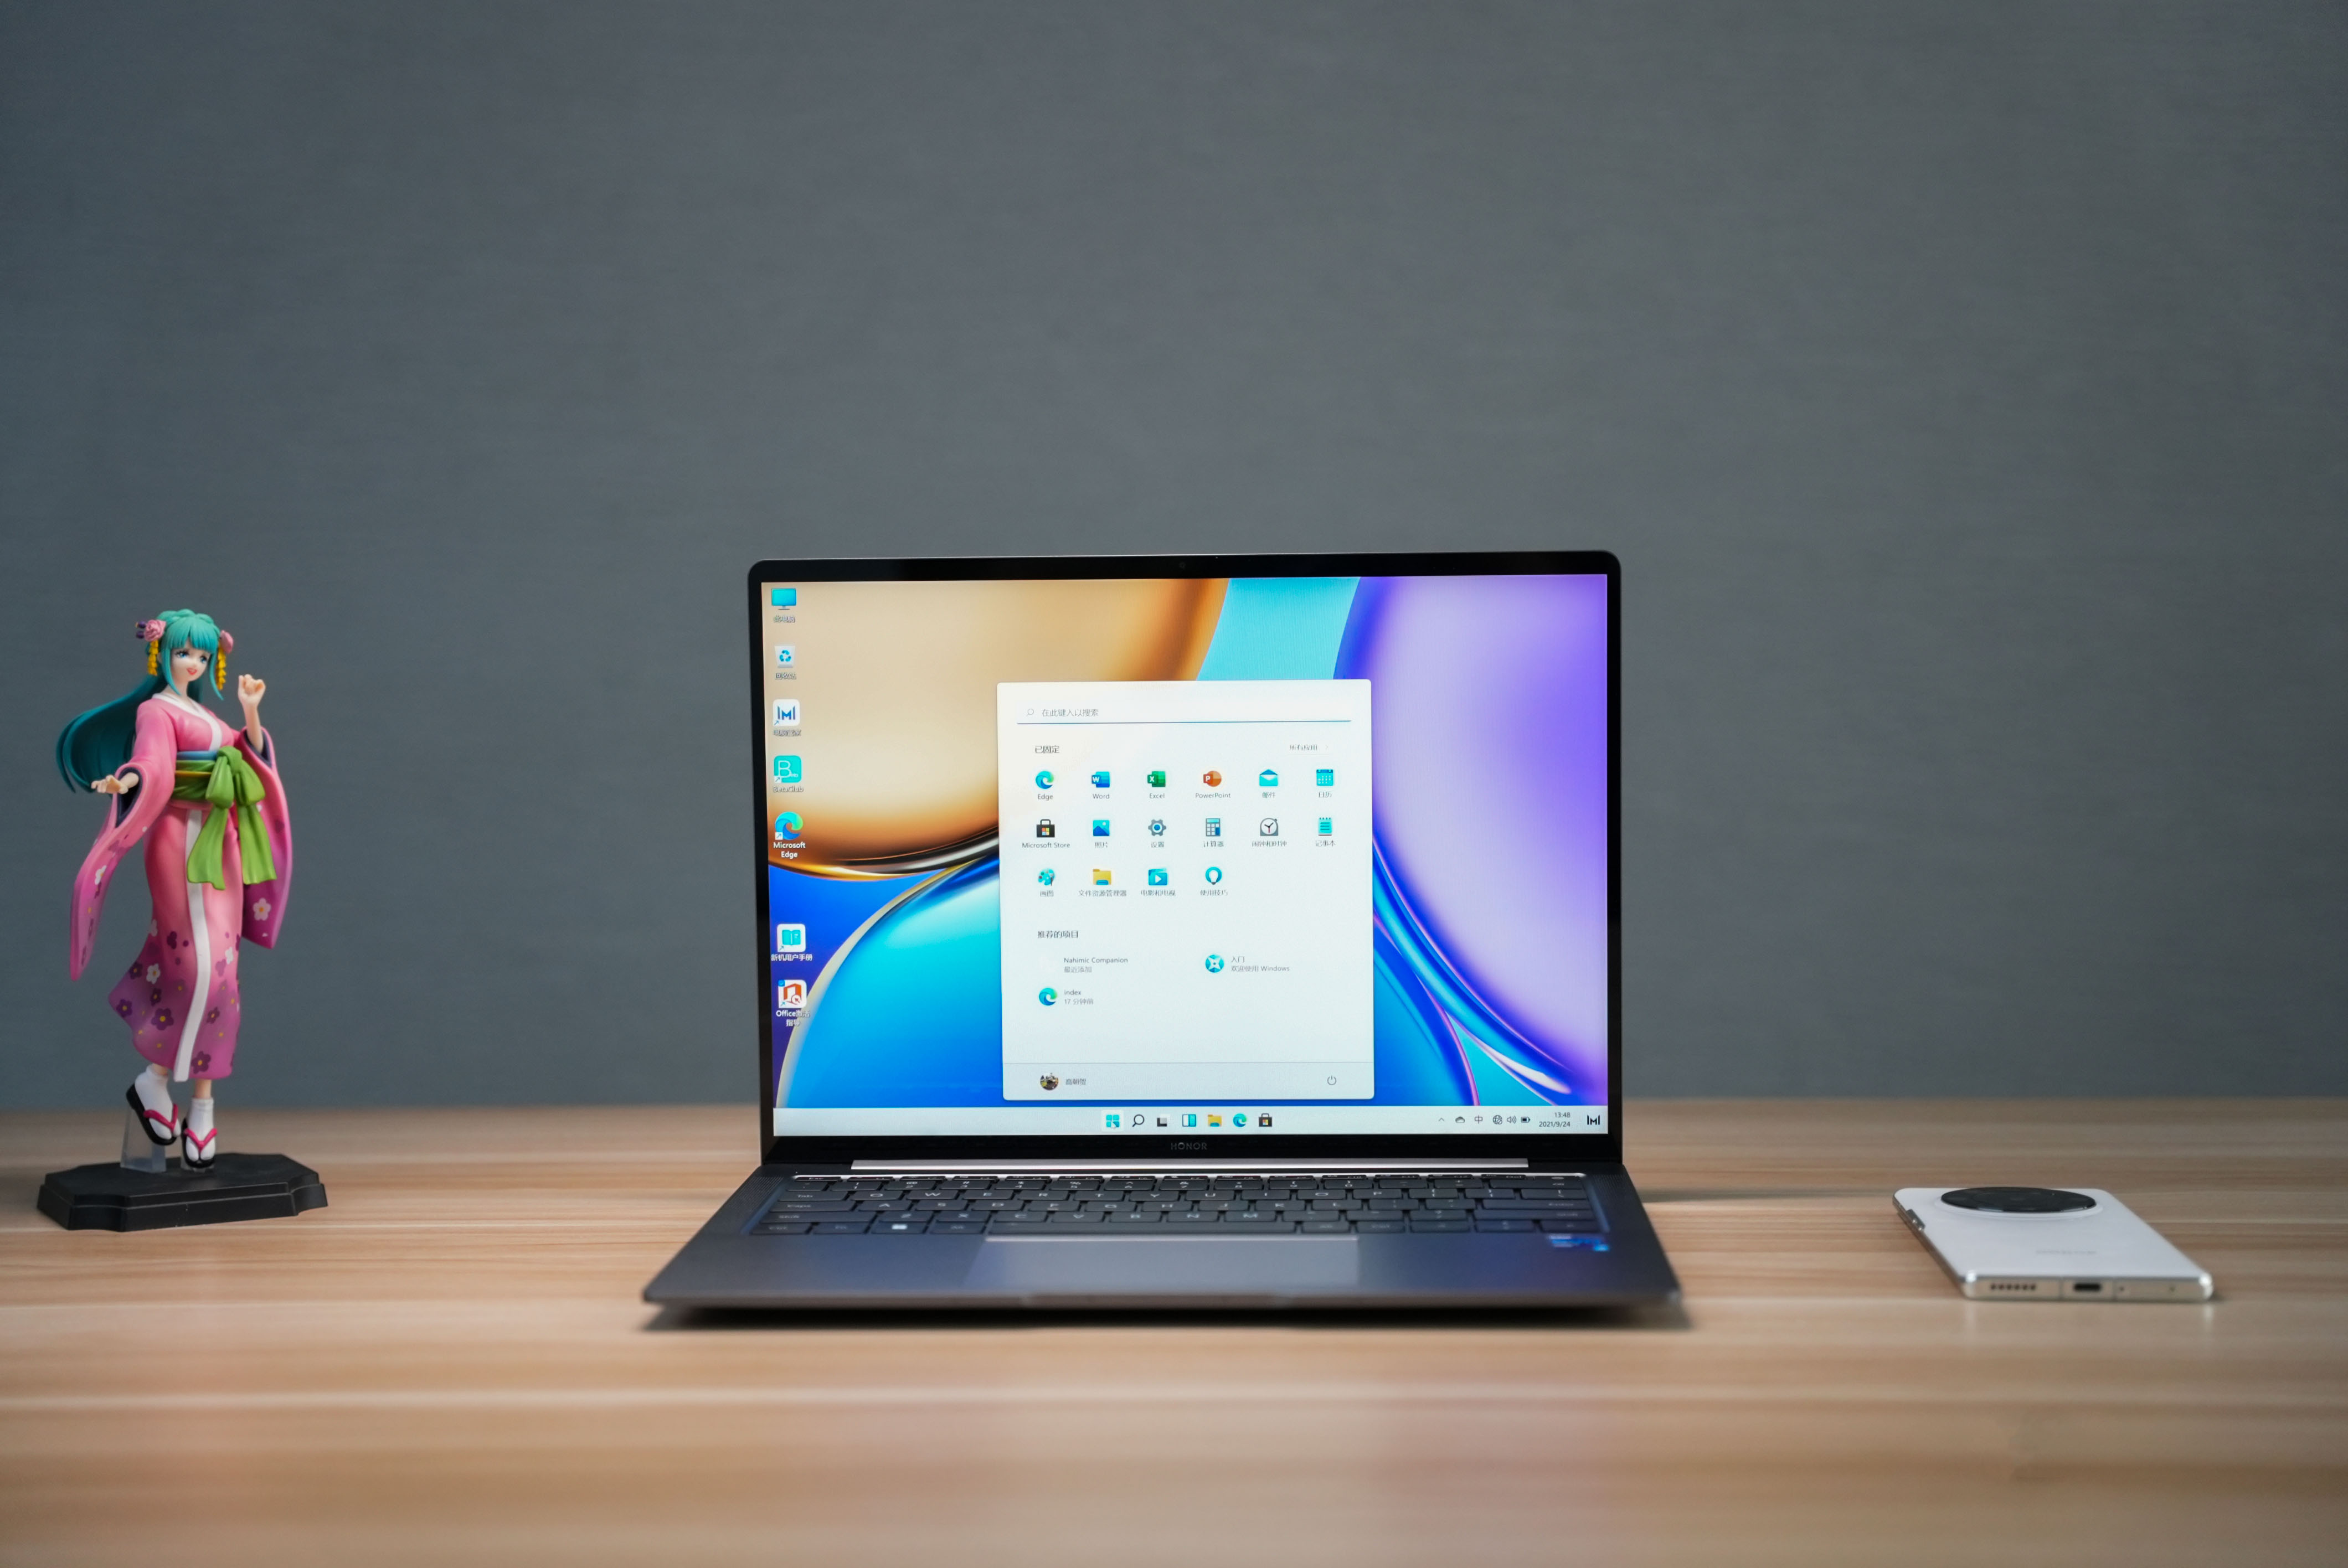 正面屏幕上,采用14.2英寸LTPS镜面屏设计,3:2屏幕比例,拥有90.5%超高屏占比,2.5K高分辨率,90Hz高刷新率,并支持10.7亿色高色深,让颜色呈现更加绚丽多彩,细节显示更加栩栩如生。